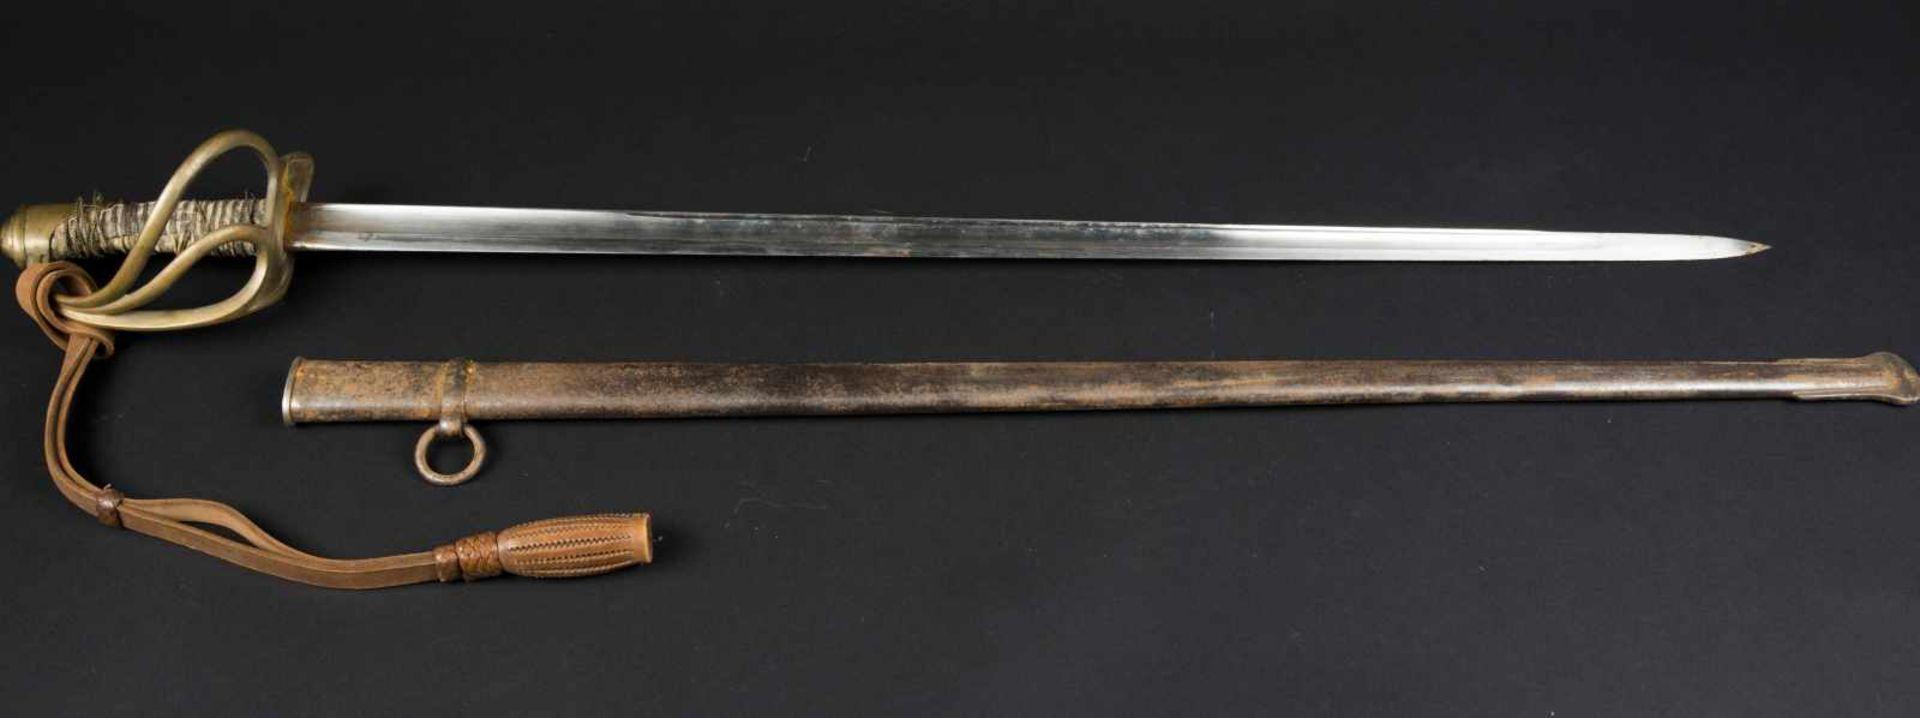 Sabre de cavalerie légère troupe modèle 1882 transformé 1883 lame droite, filigrane de la monture en